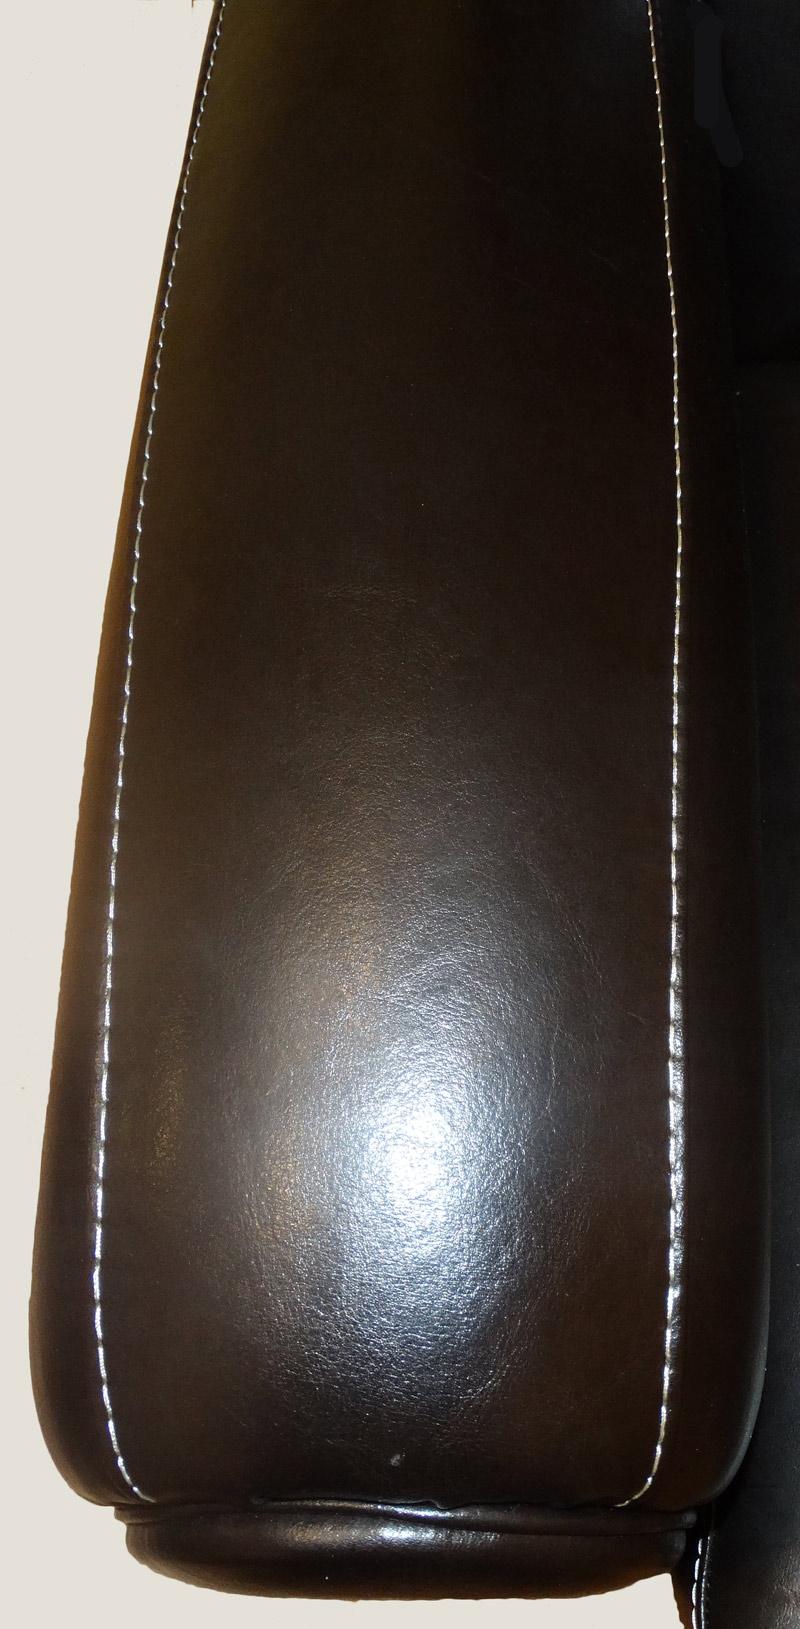 Manchette de club vue de haut longfield 1880 Table vue de haut